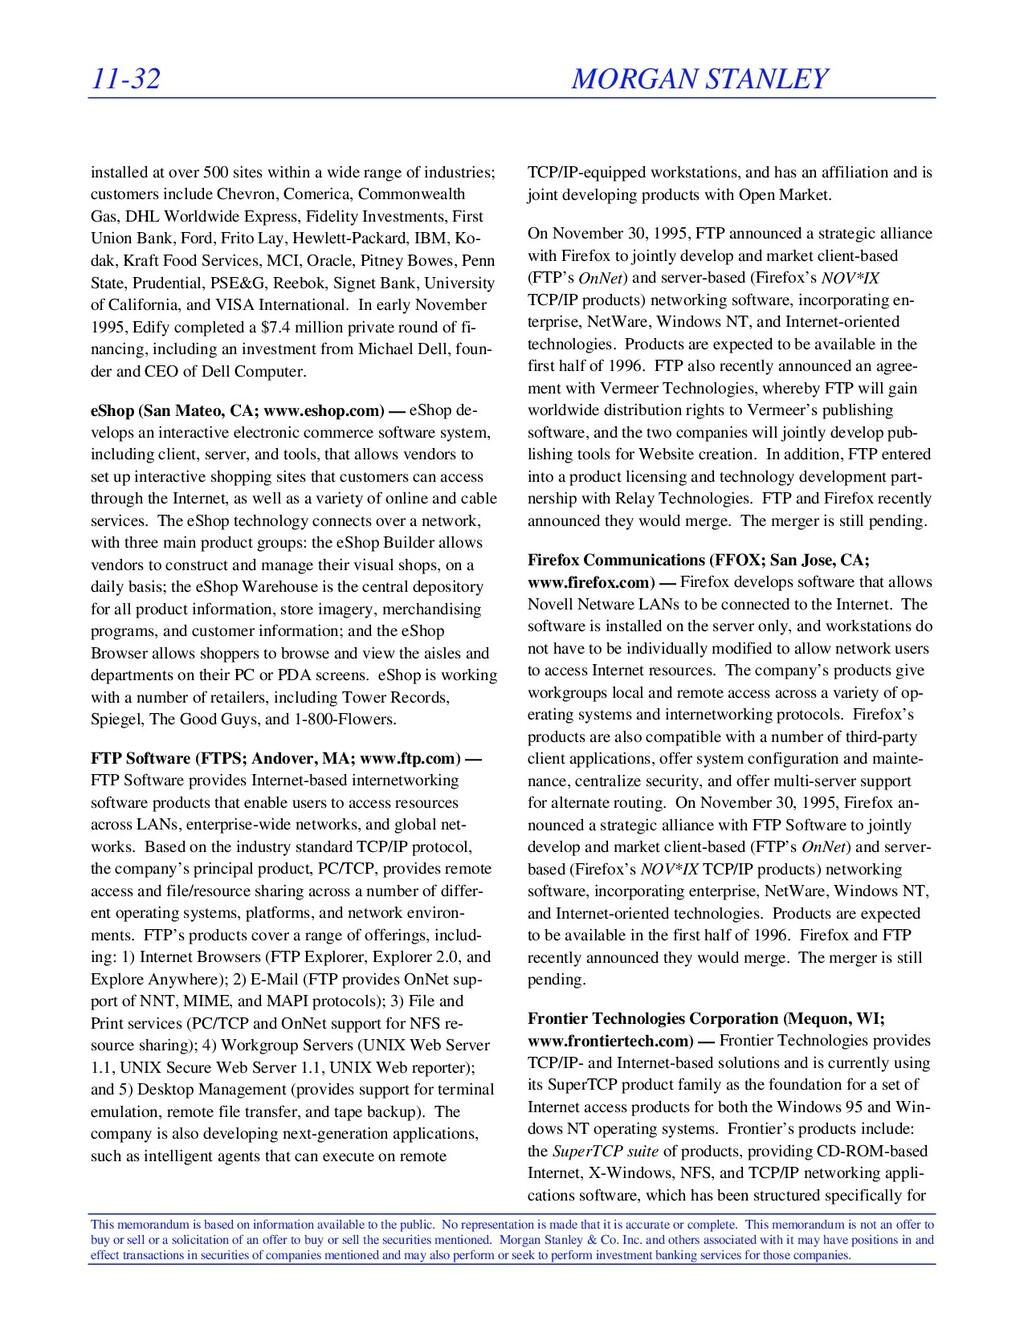 11-32 MORGAN STANLEY This memorandum is based o...